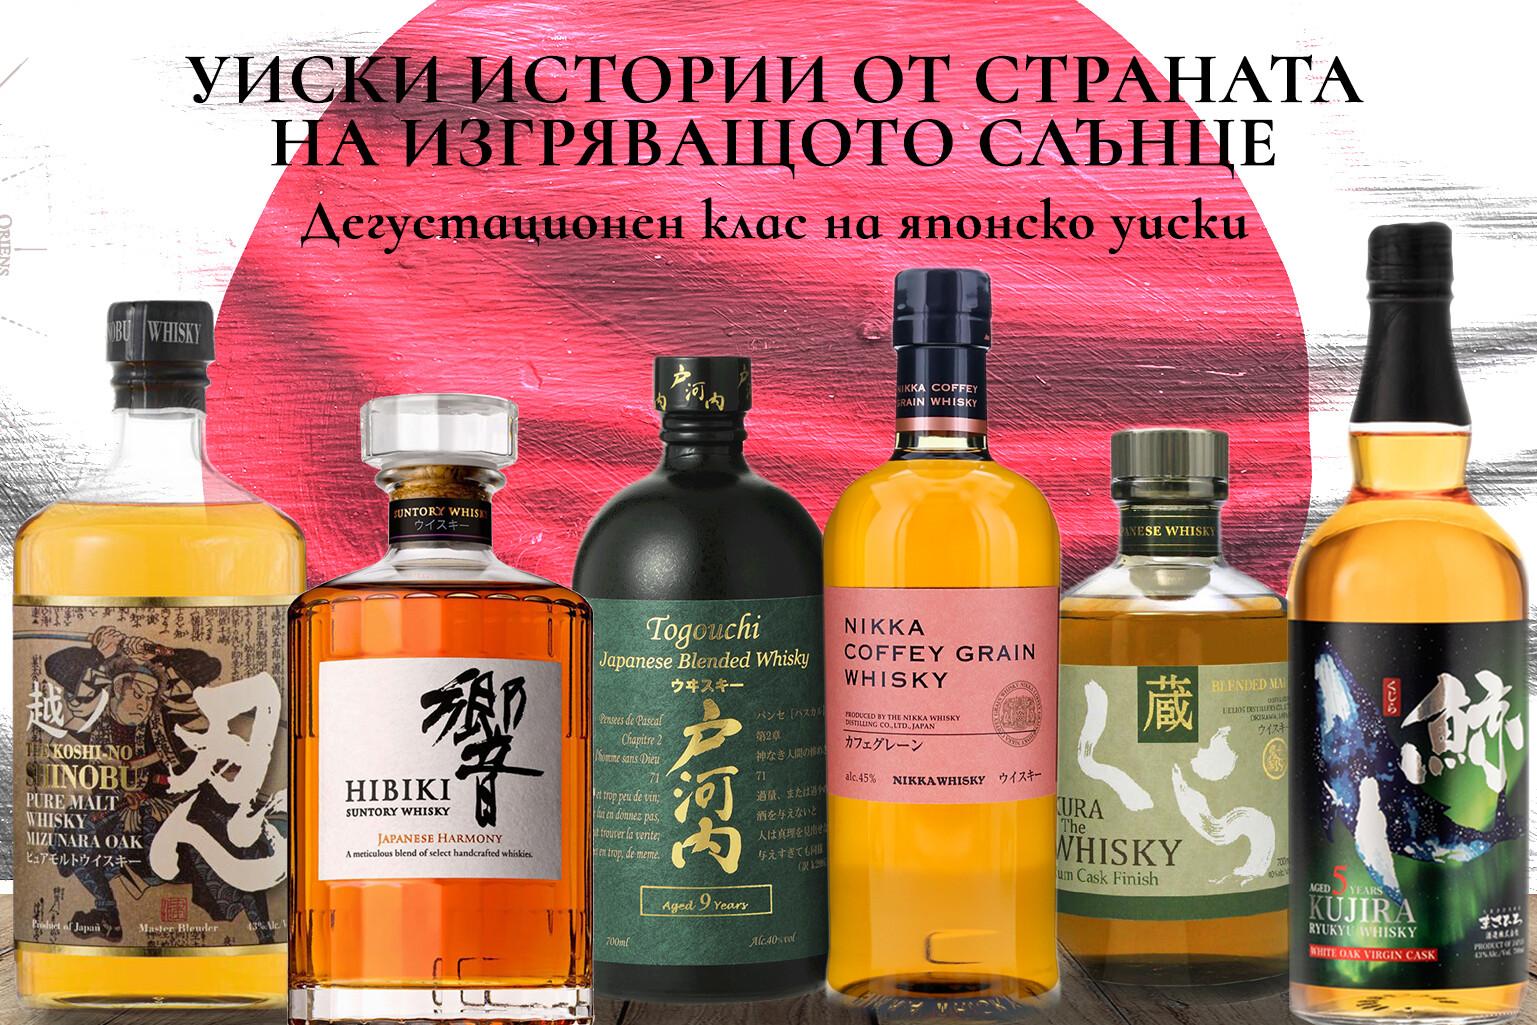 Дегустационен клас на японско уиски Tasting Room